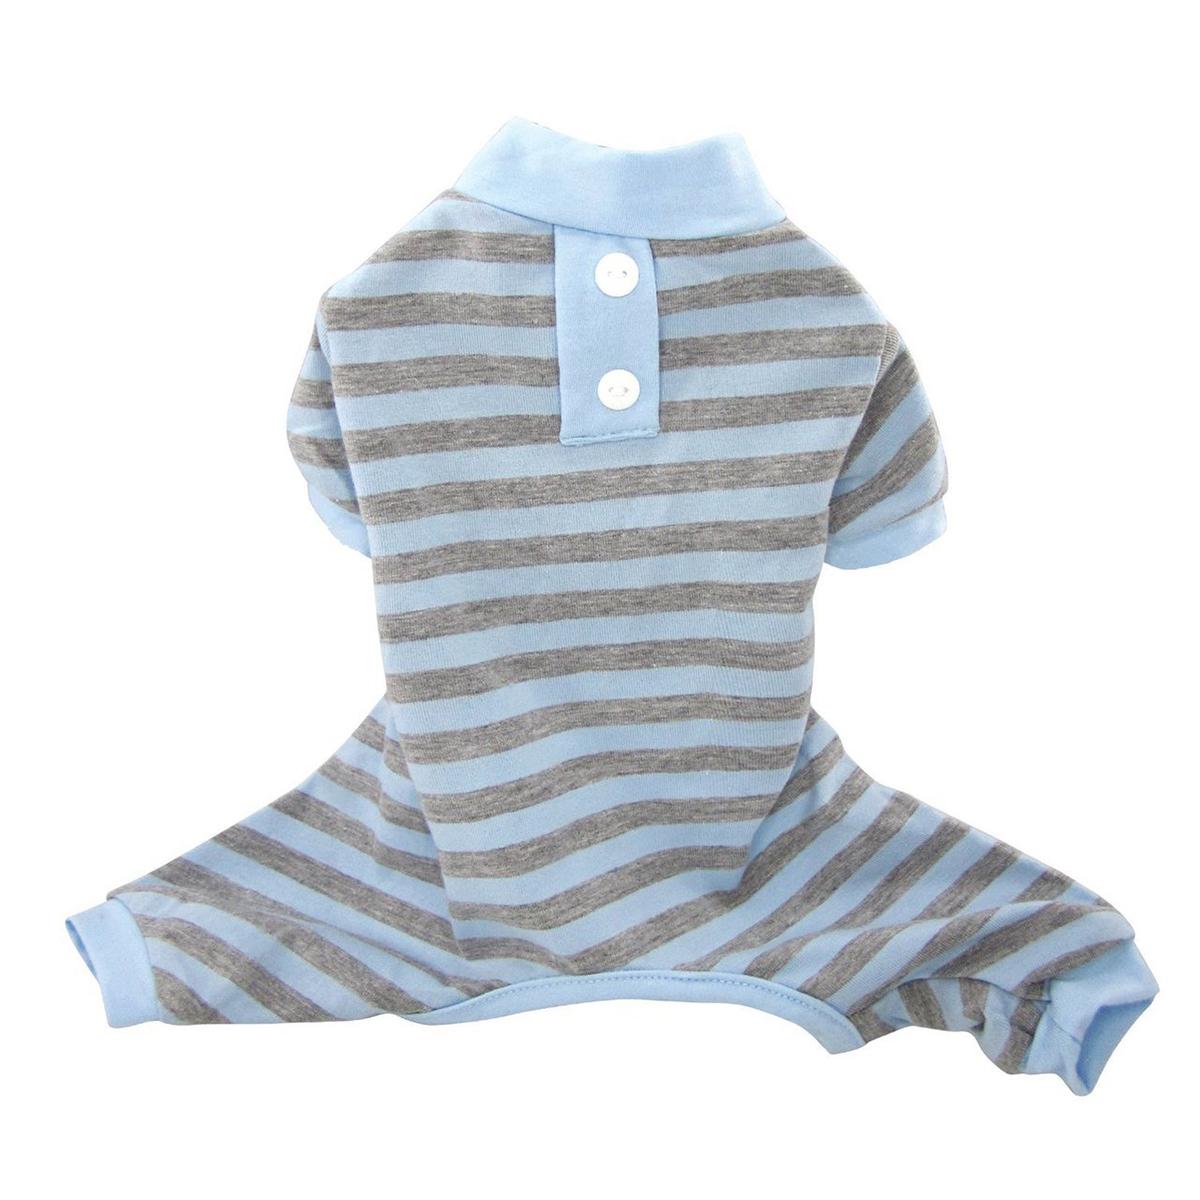 FouFou Classic Striped Dog Pajamas - Blue